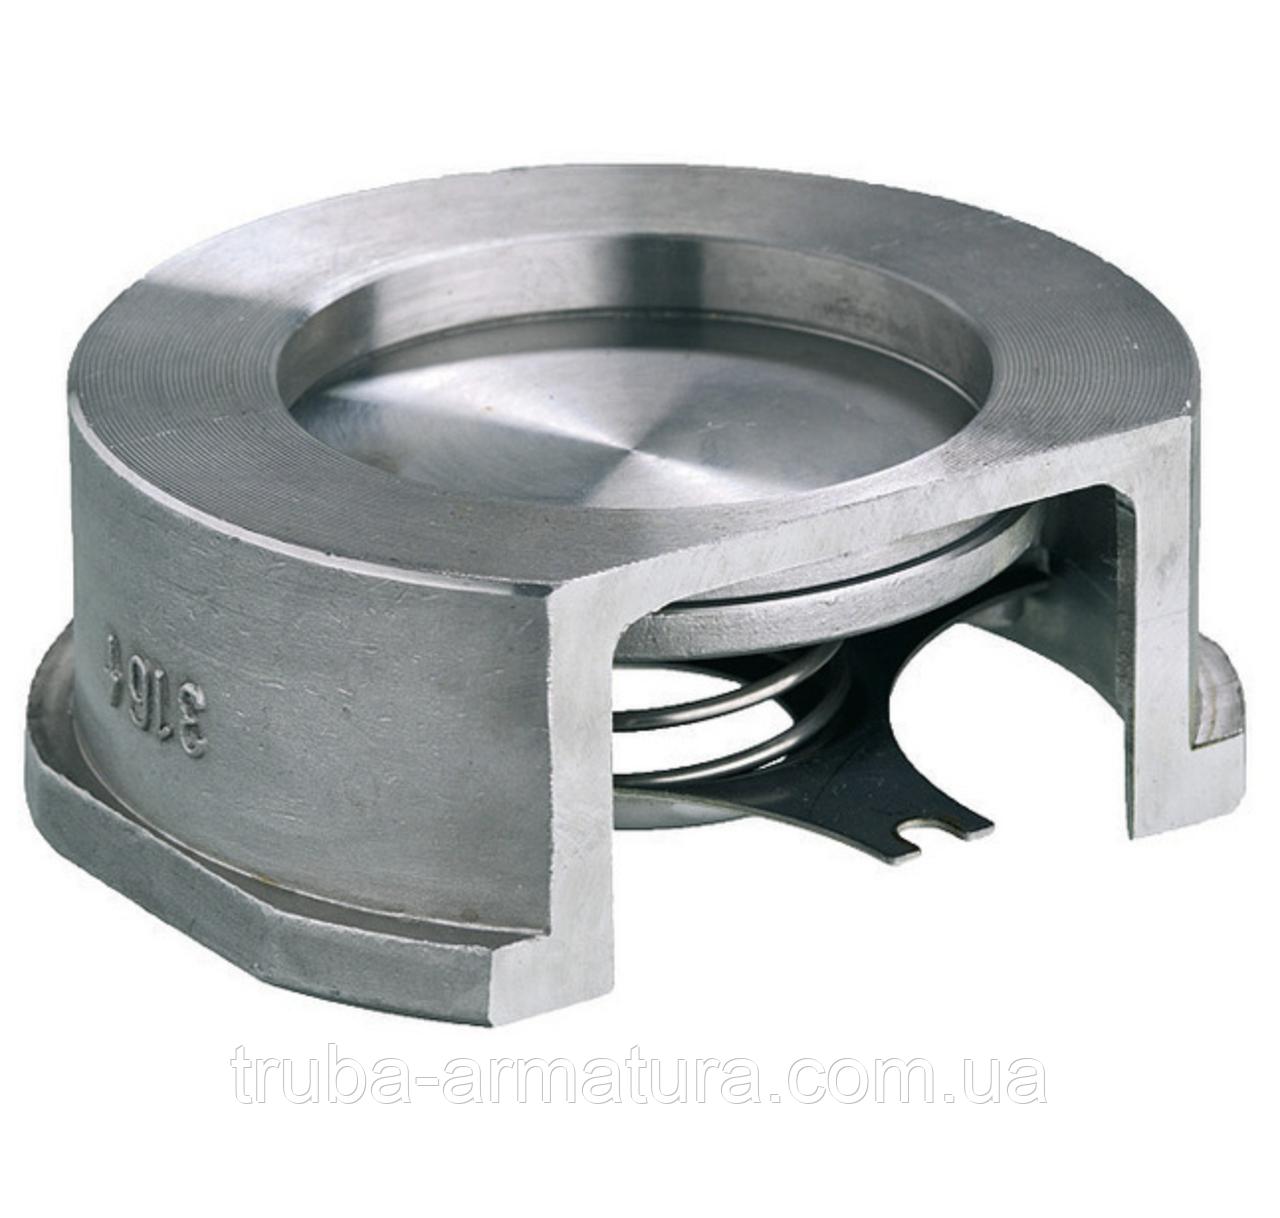 Клапан обратный дисковый межфланцевый из нержавеющей стали DN 250 PN 4,0 МПа